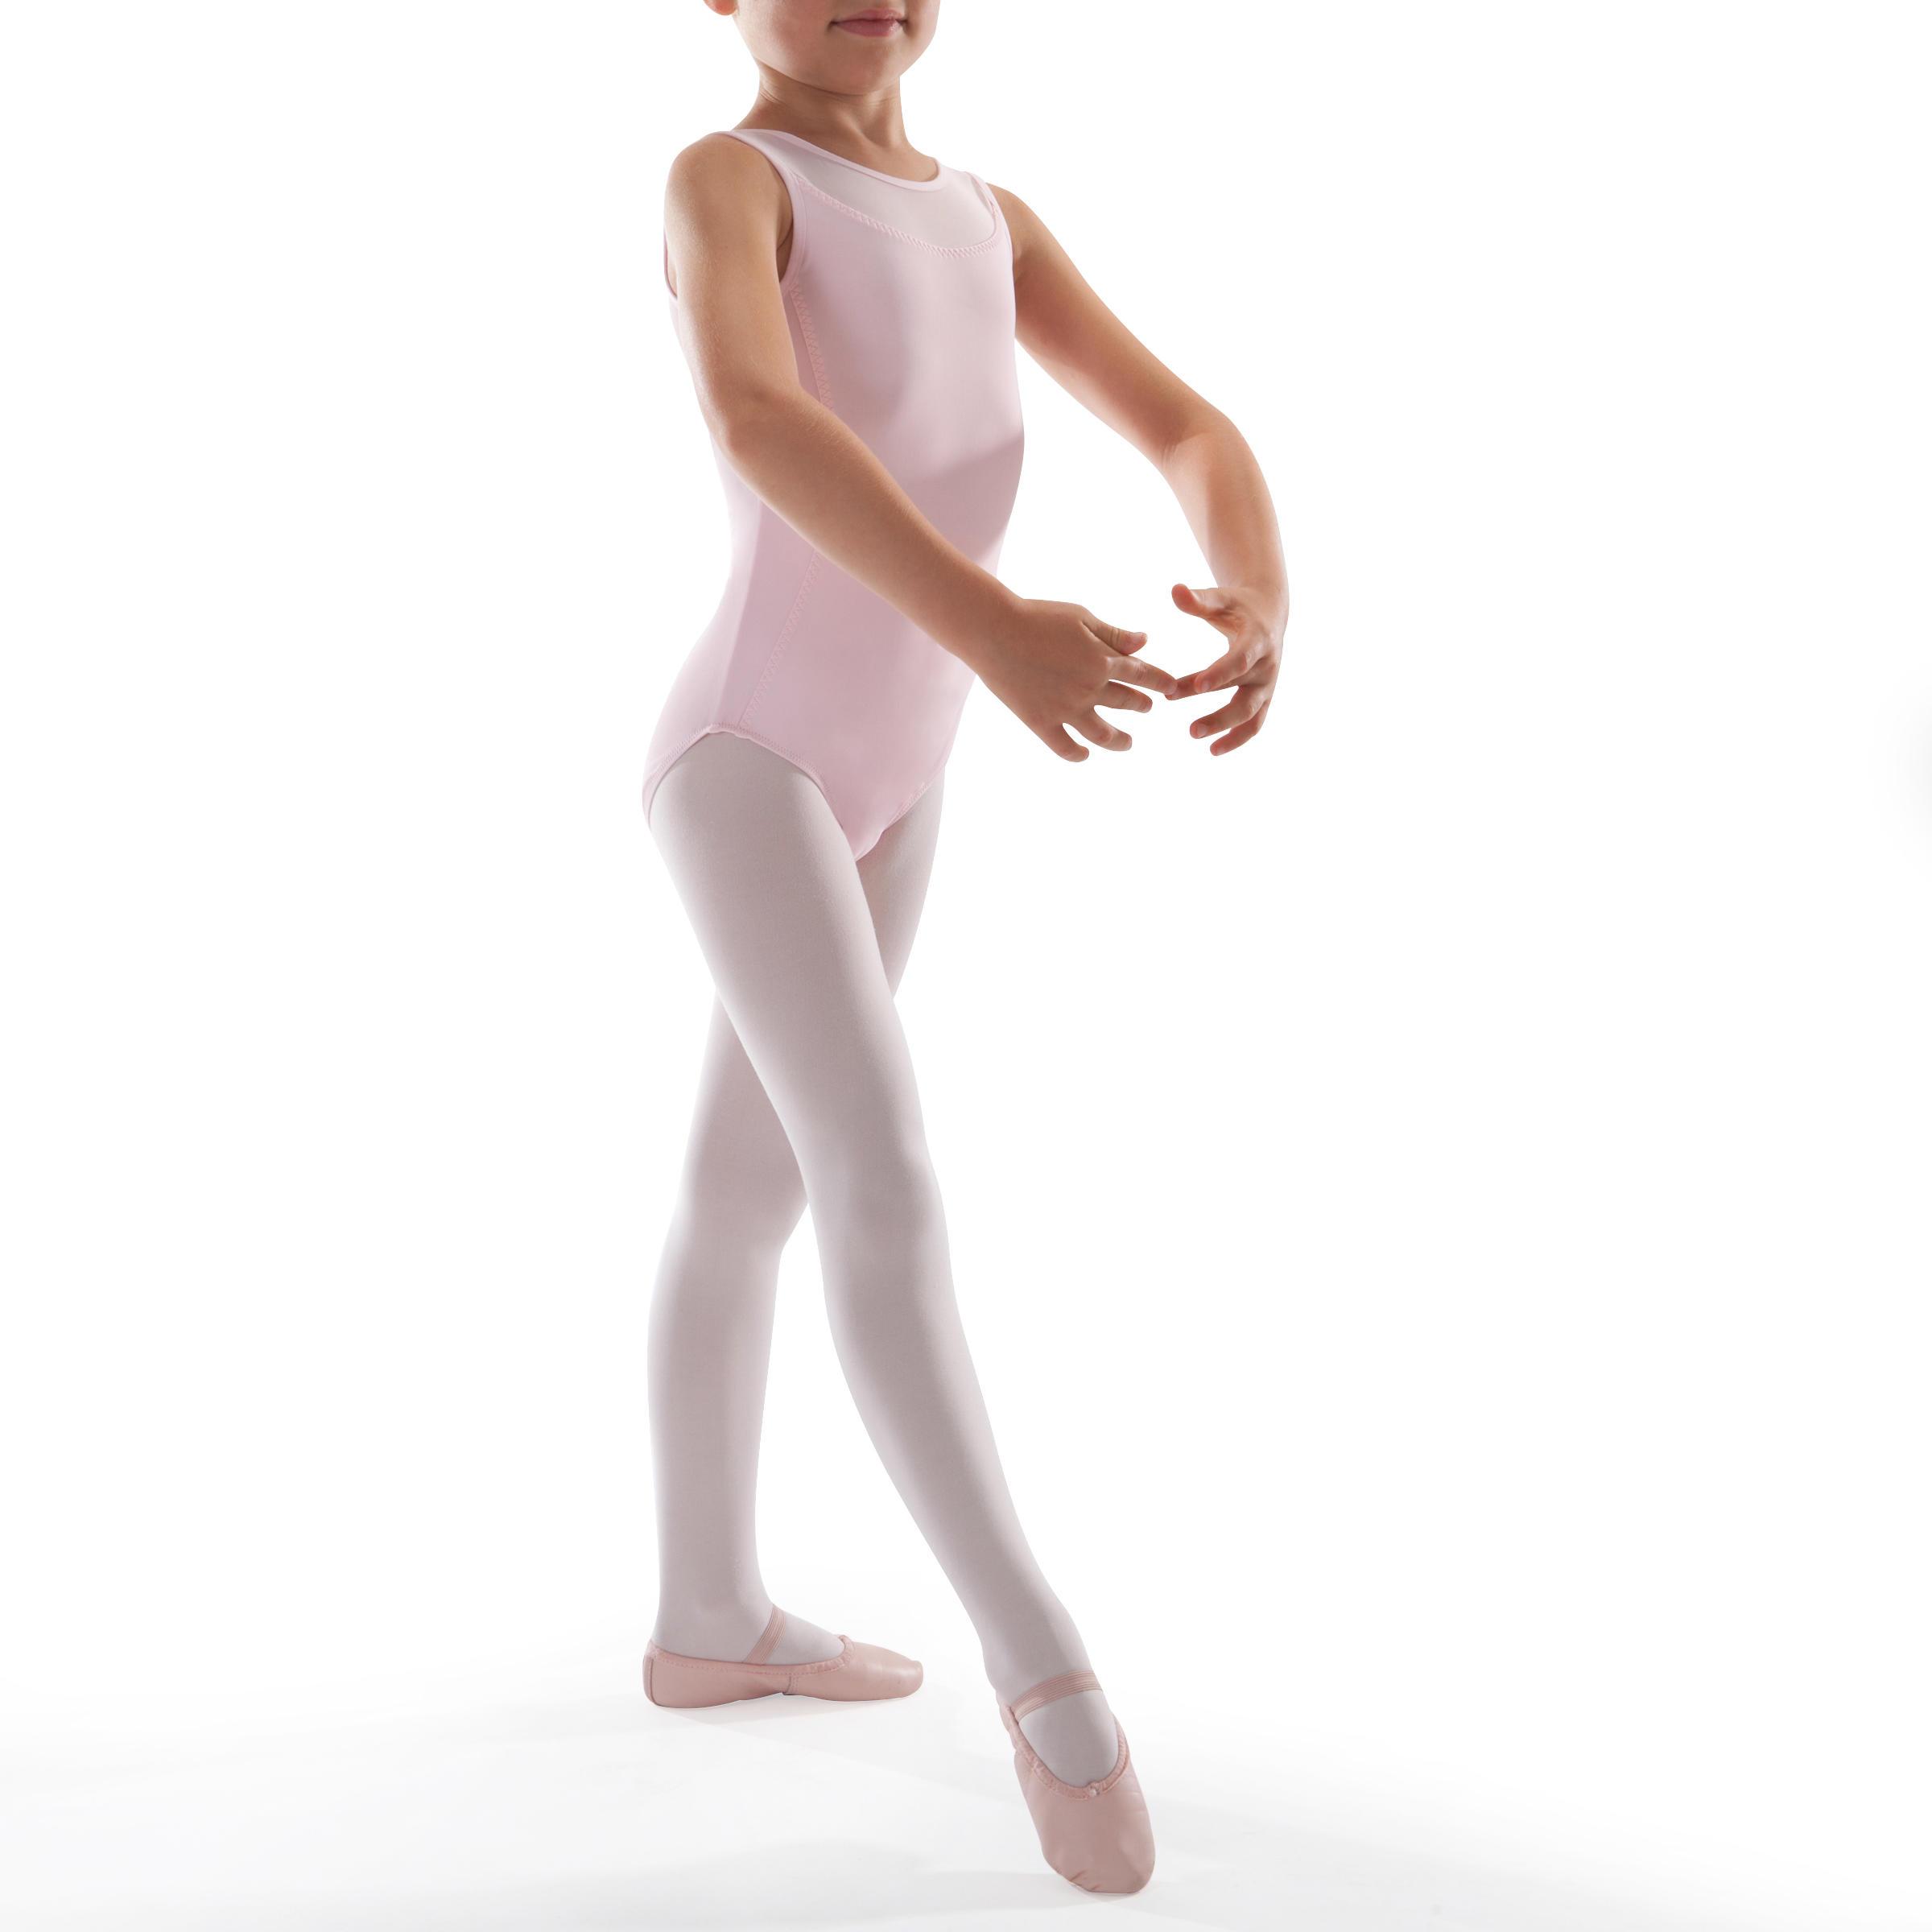 Leotardo de danza clásica en dos tejidos niña rosa